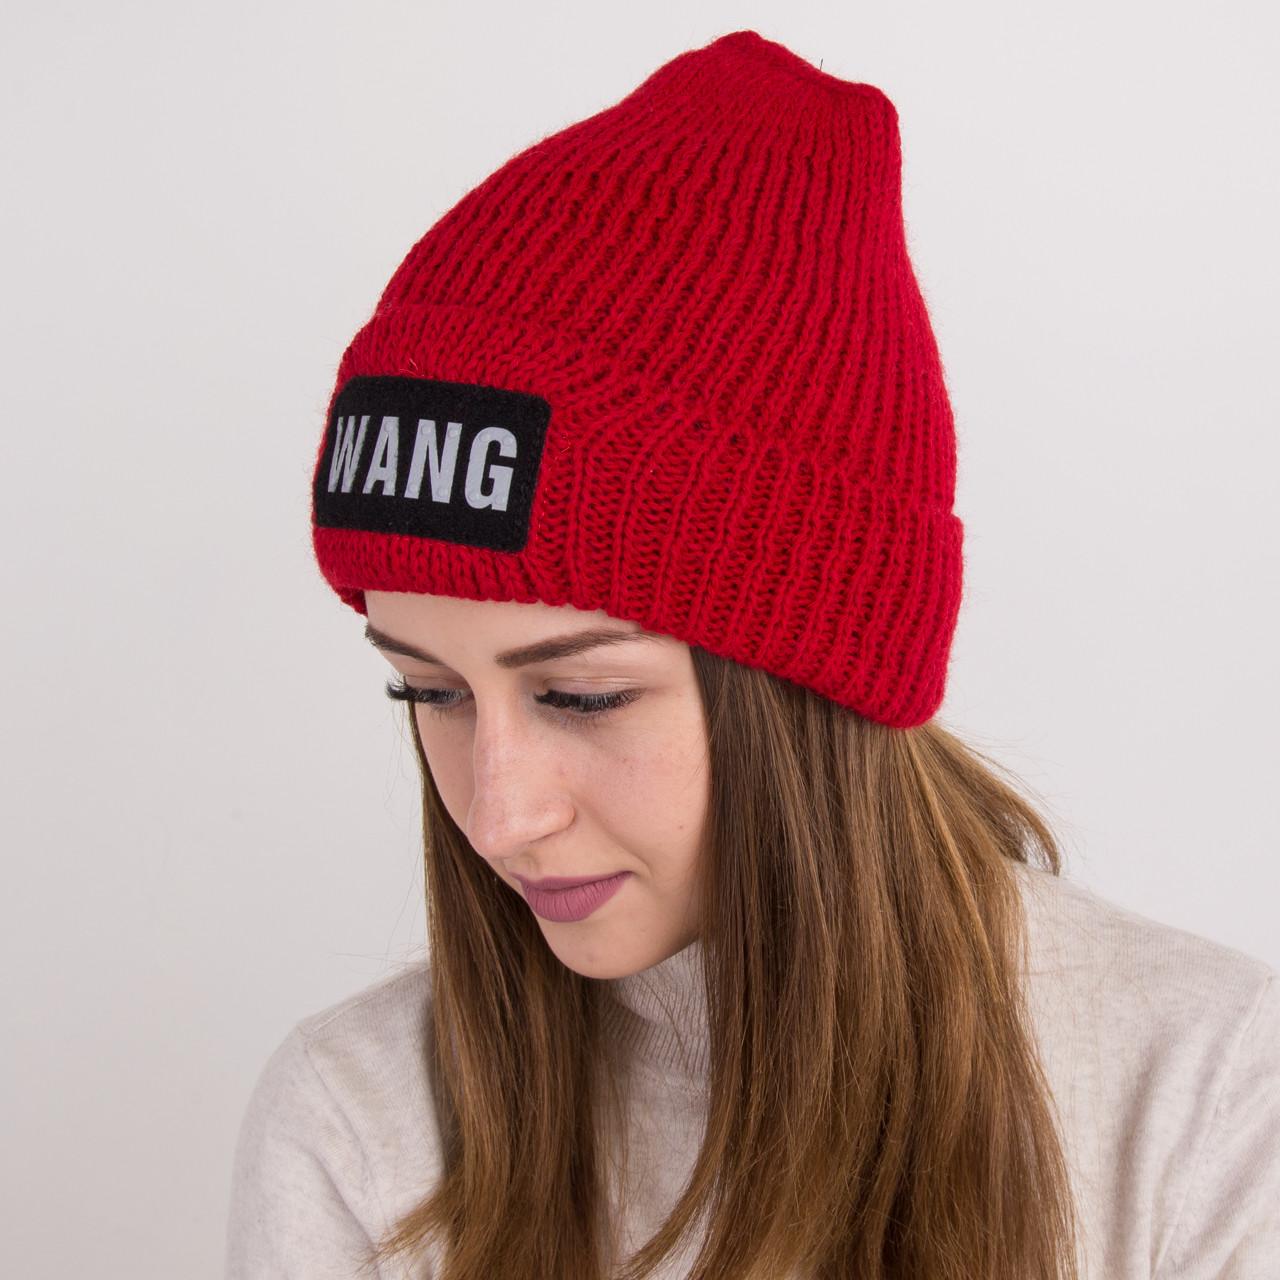 Вязанная зимняя женская шапка - WANG - Артикул 2160